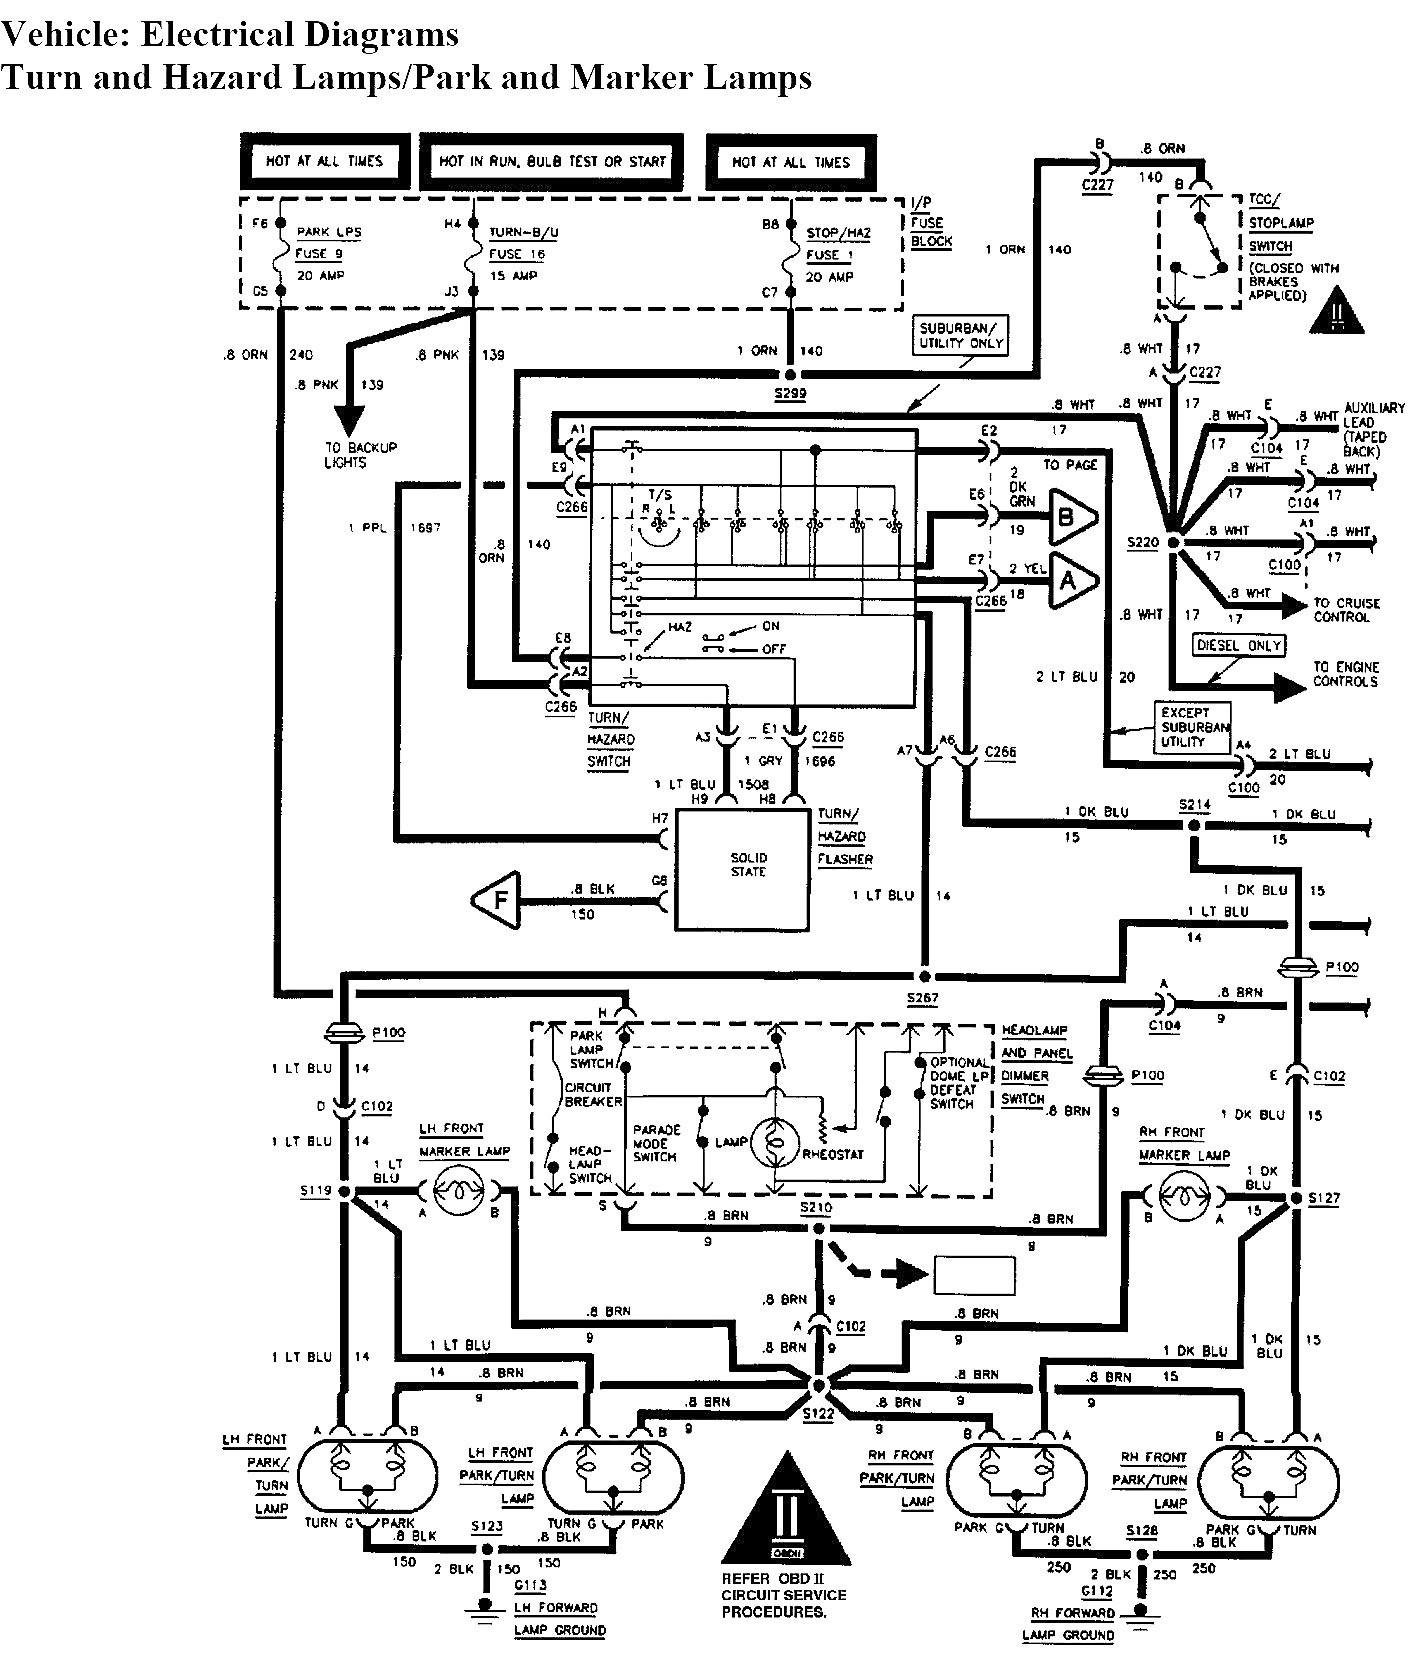 94 chevy silverado tail light wiring - wiring diagram schematics 1994 chevy 3500 wiring diagram  wiring diagram schematics